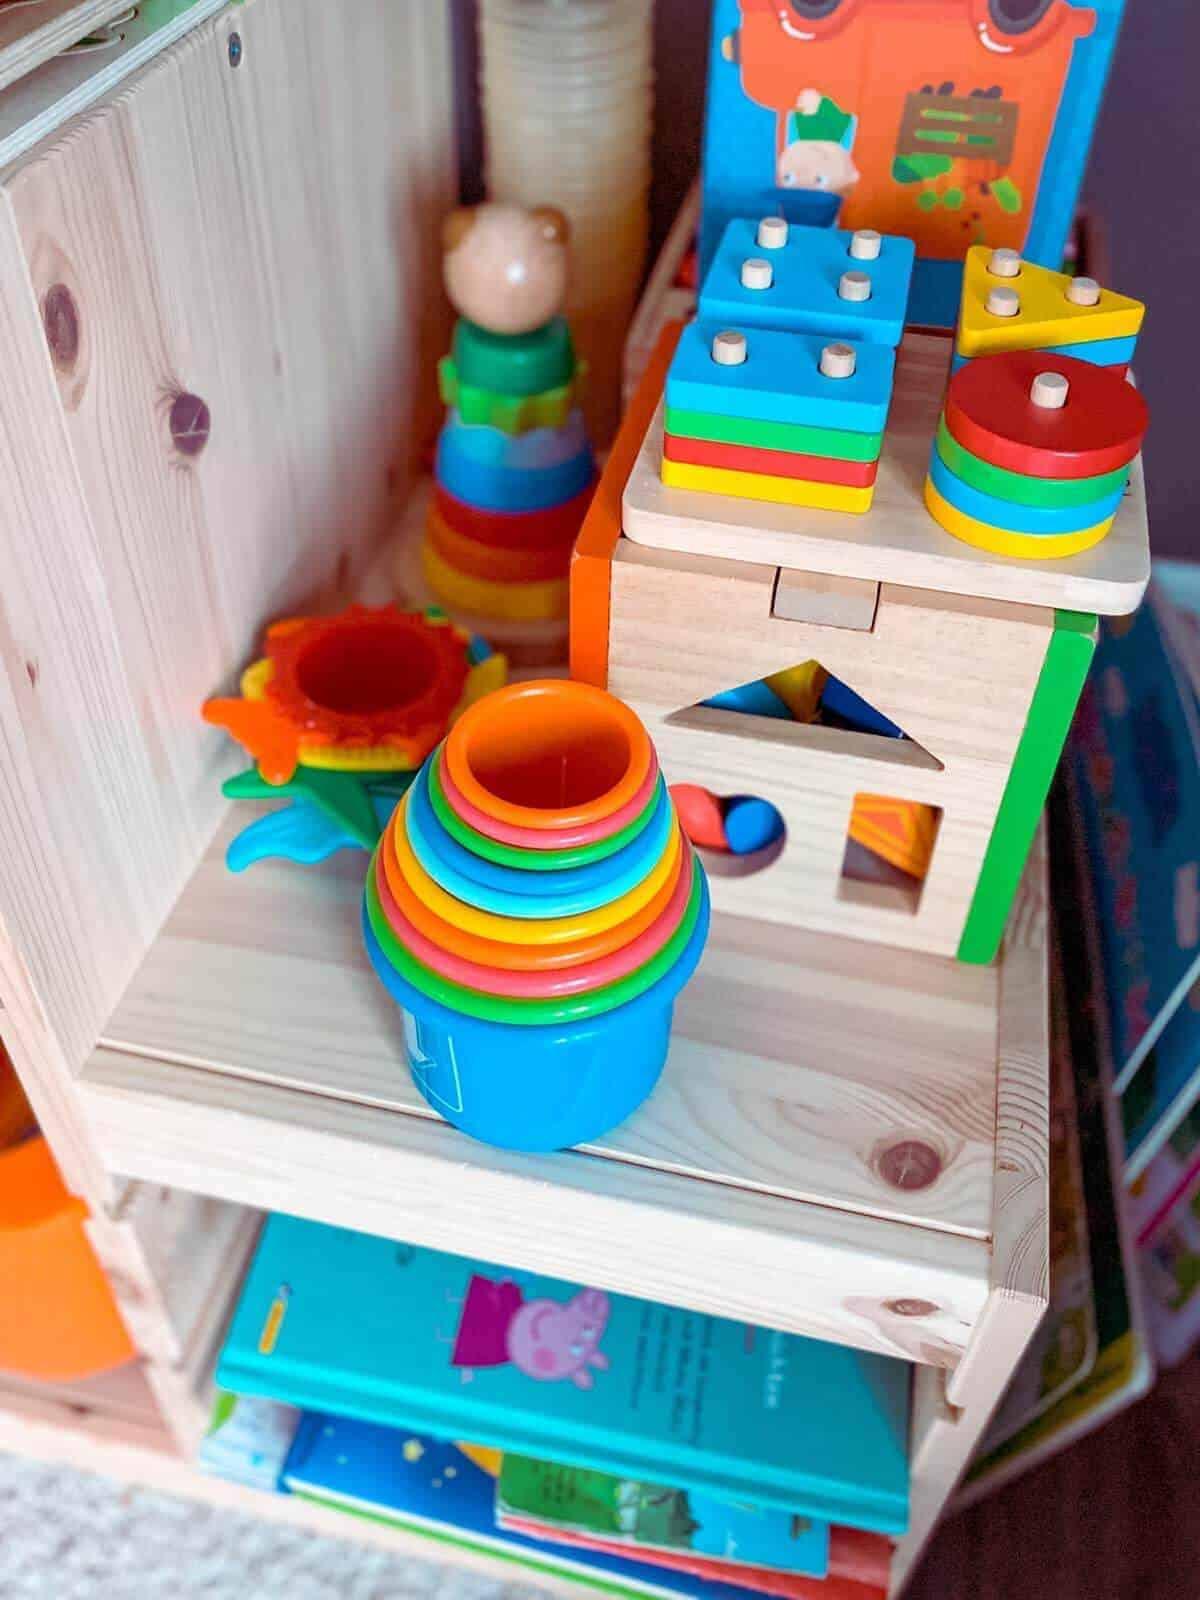 In der Kita gibt es nicht nur Unmengen an Spielzeug, vor allem der Kontakt mit vielen anderen Kindern tut unserem Nachwuchs sehr gut